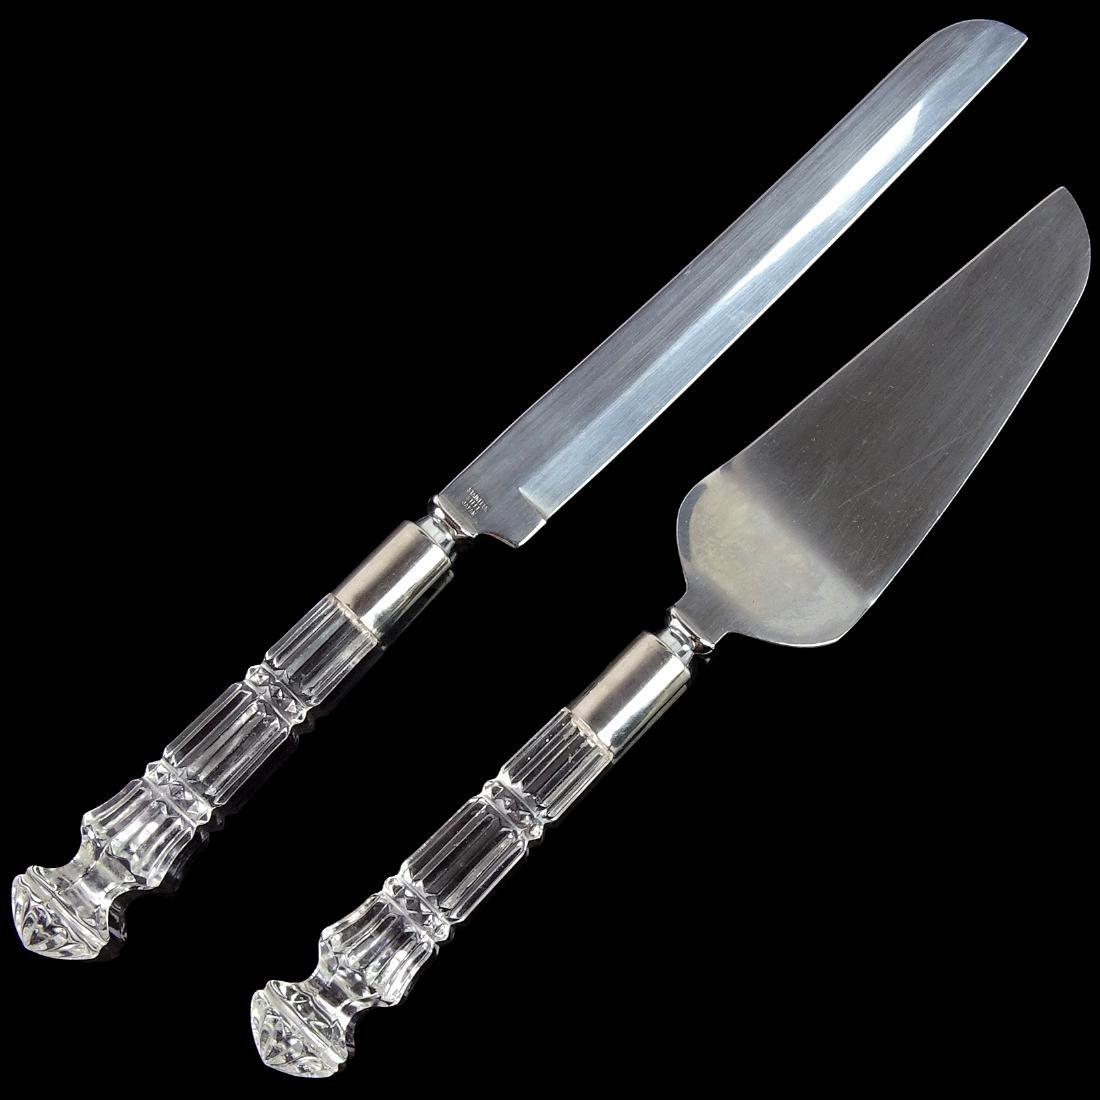 Japan Stainless Steel Knife Cake Server Set